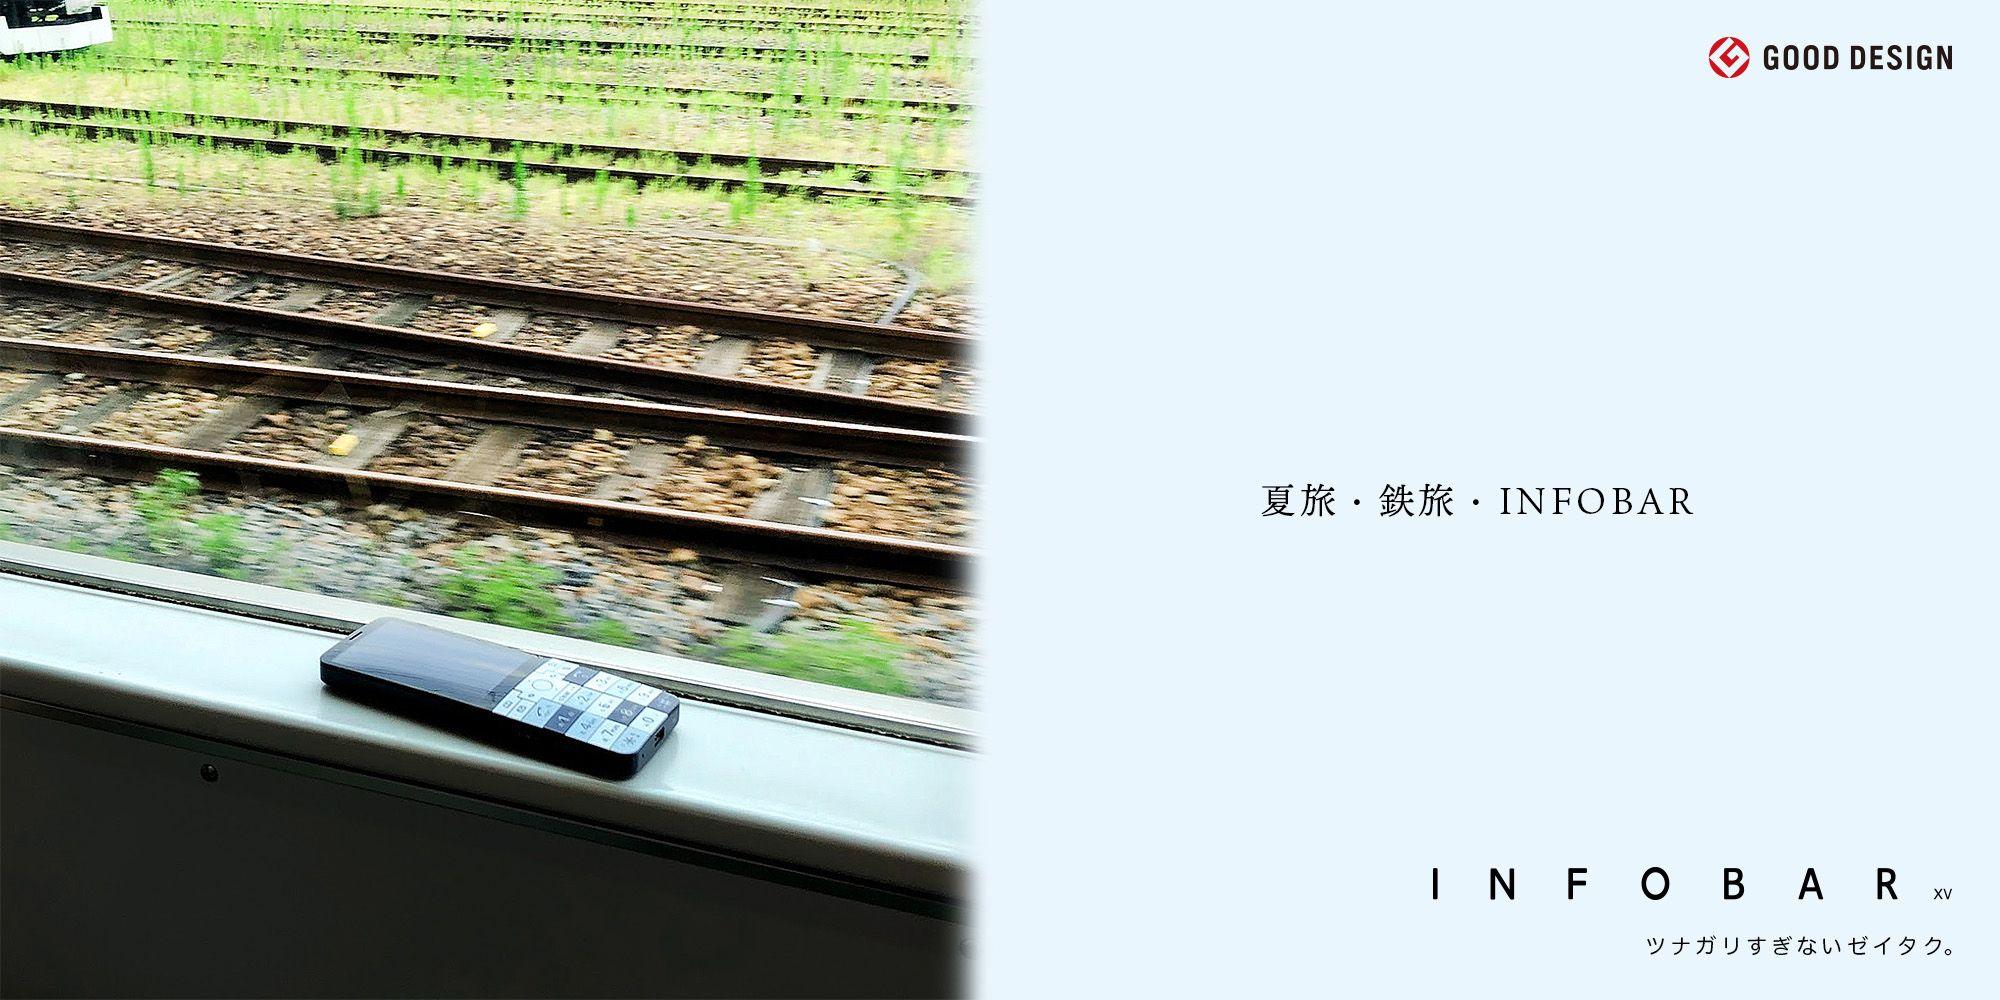 夏旅・鉄旅・INFOBAR